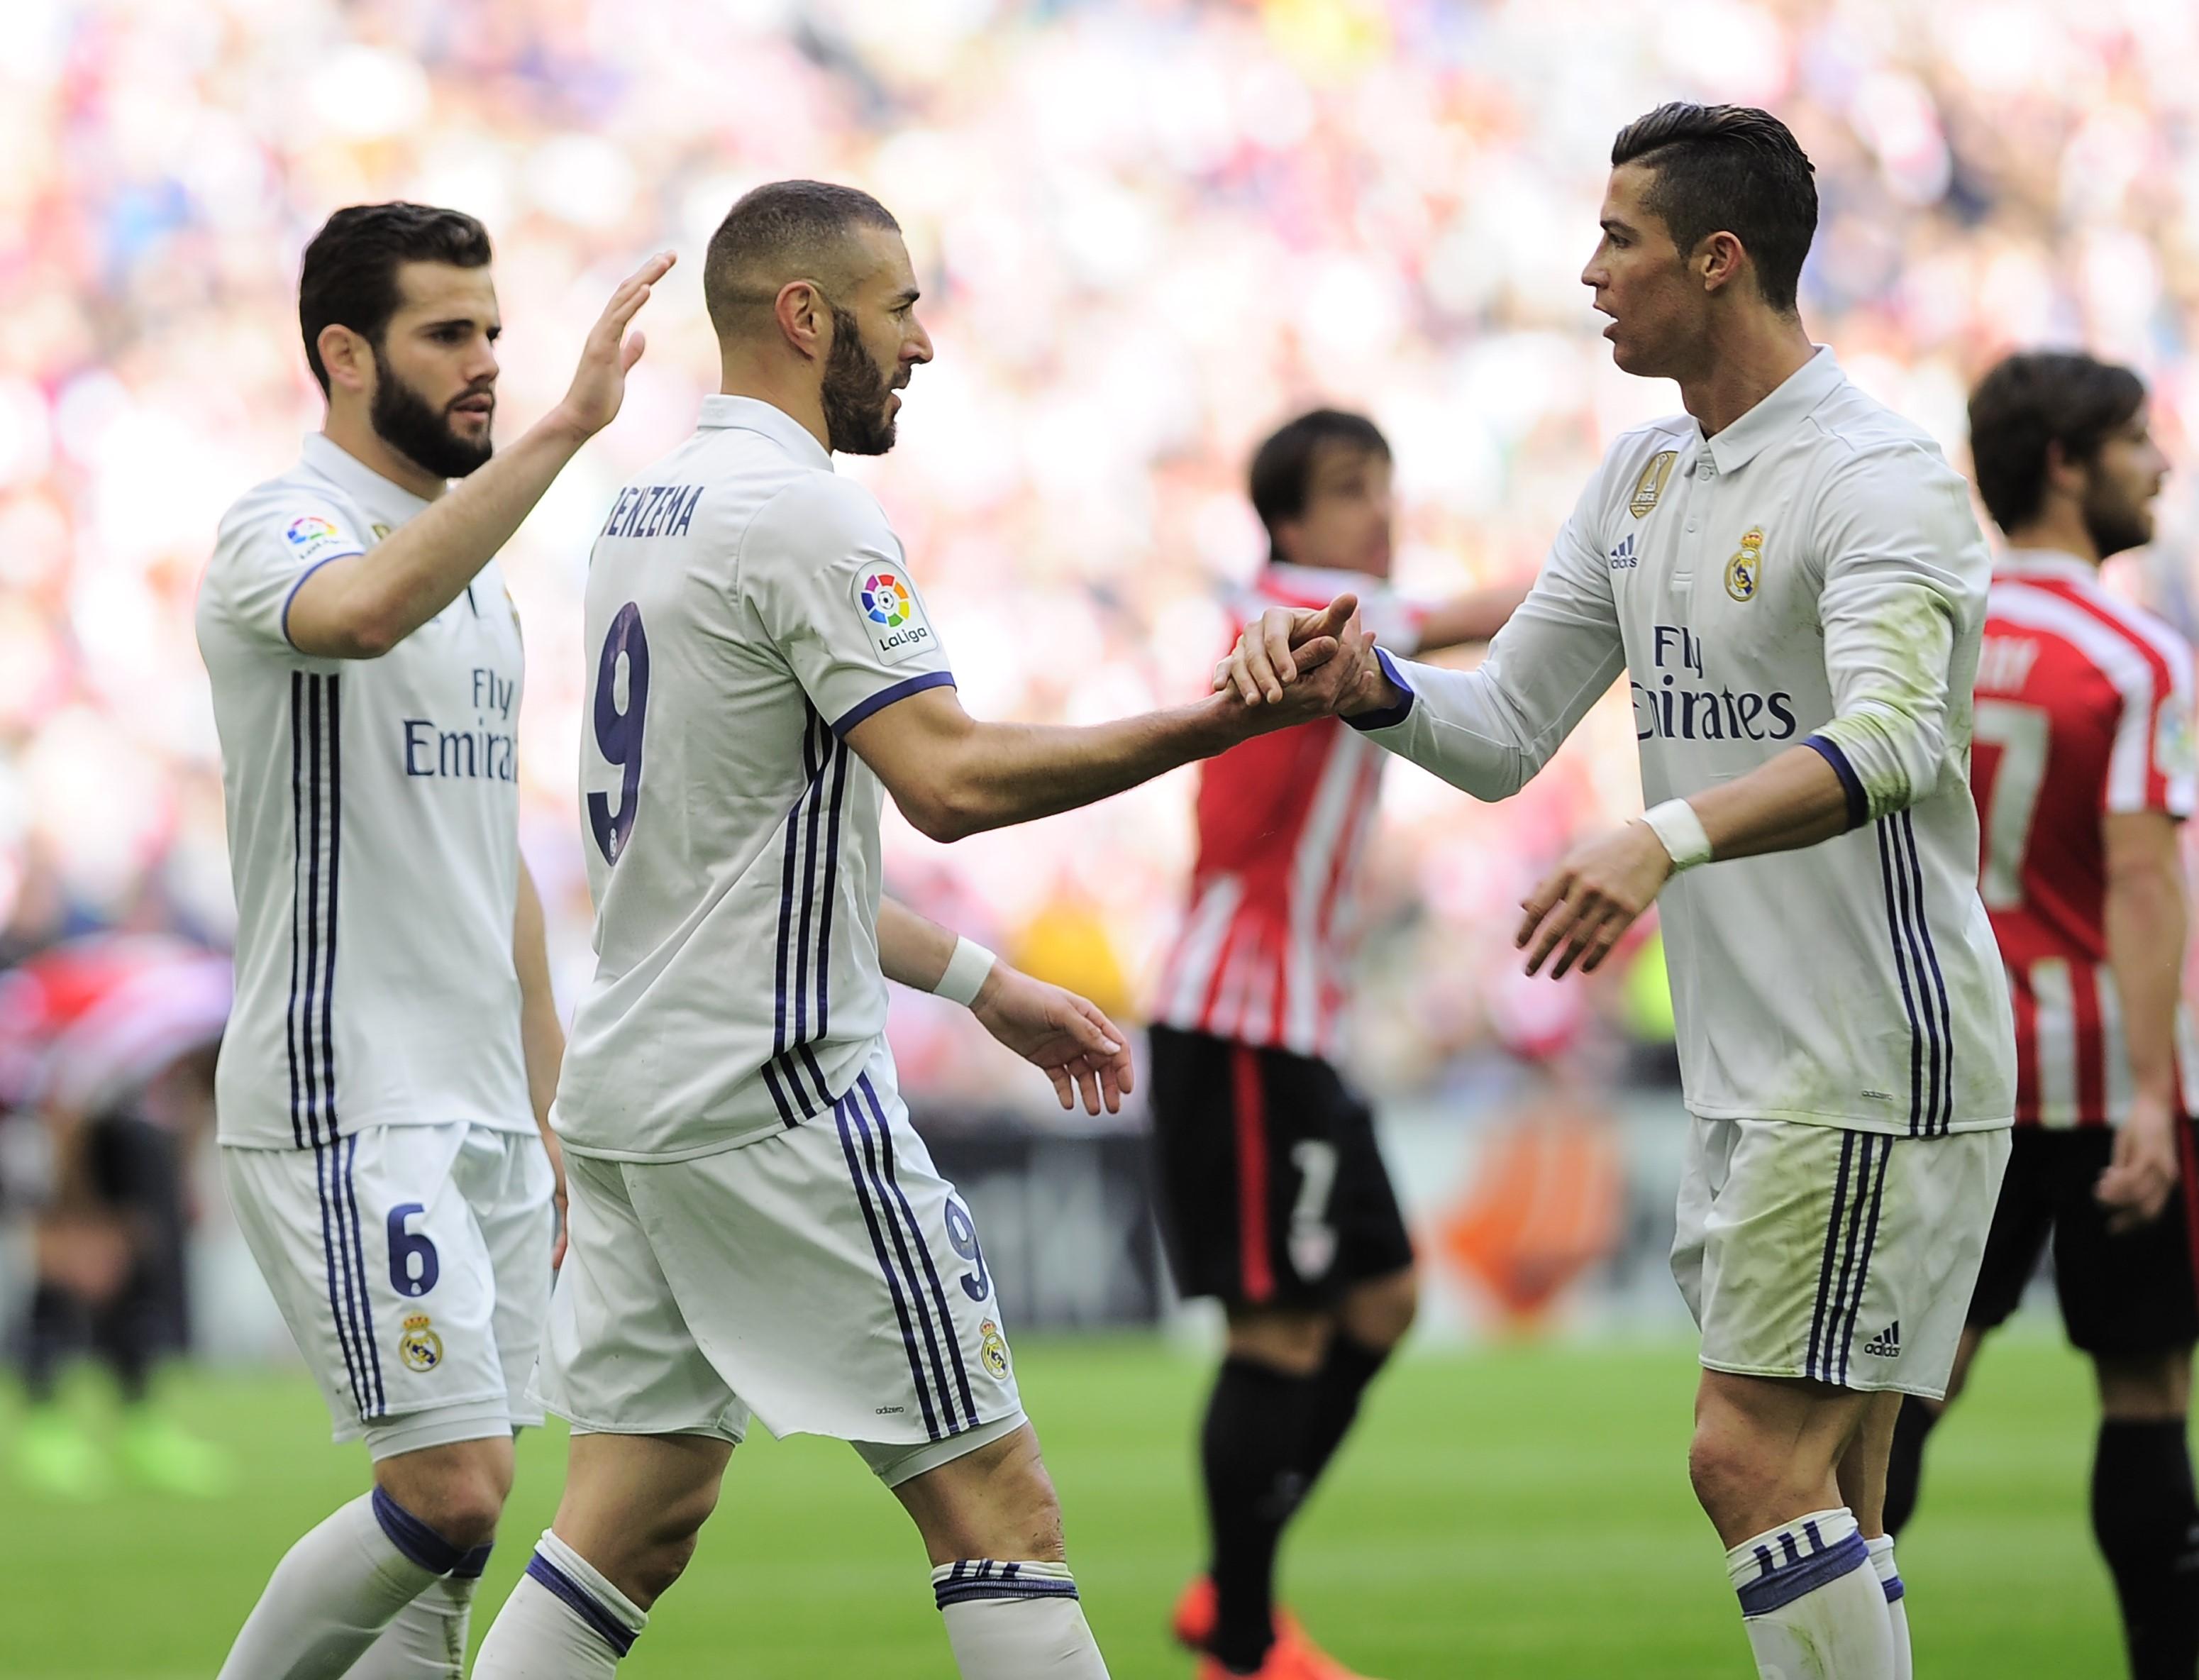 Nacho, Karim Benzema et Cristiano Ronaldo (Real Madrid) face à Bilbao